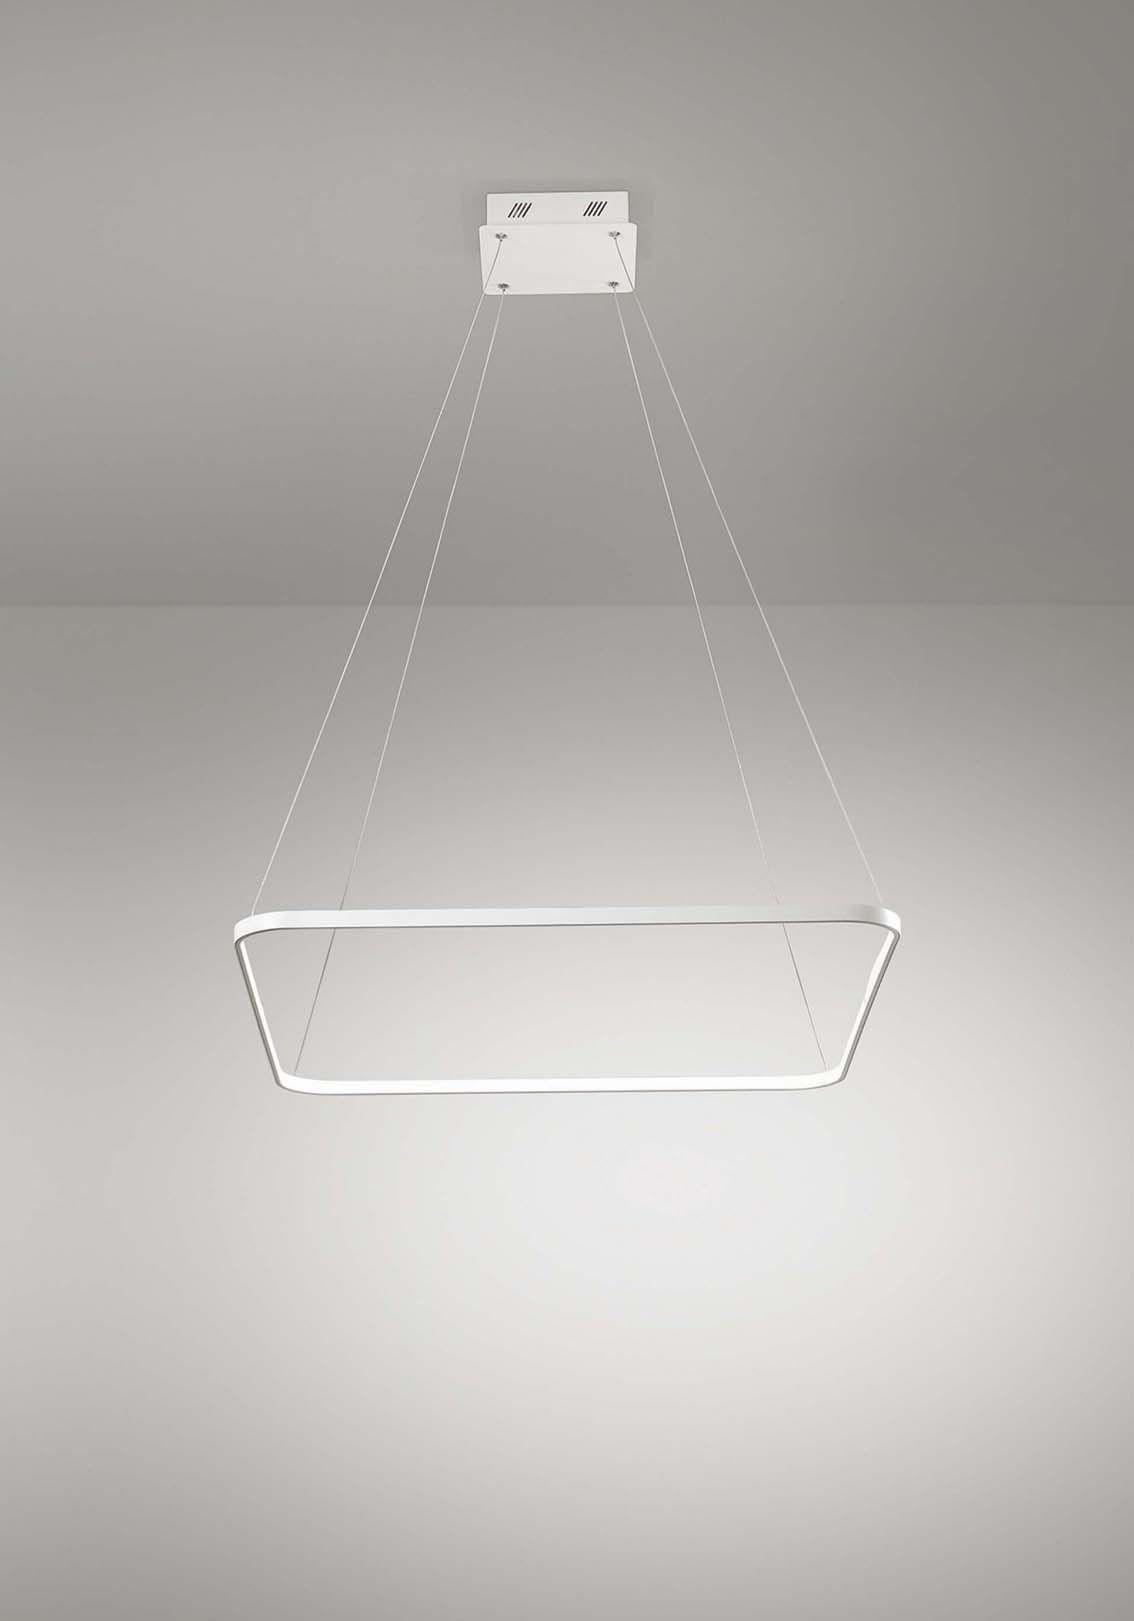 Lampadario a led moderno quadrato 33w design affra 2332